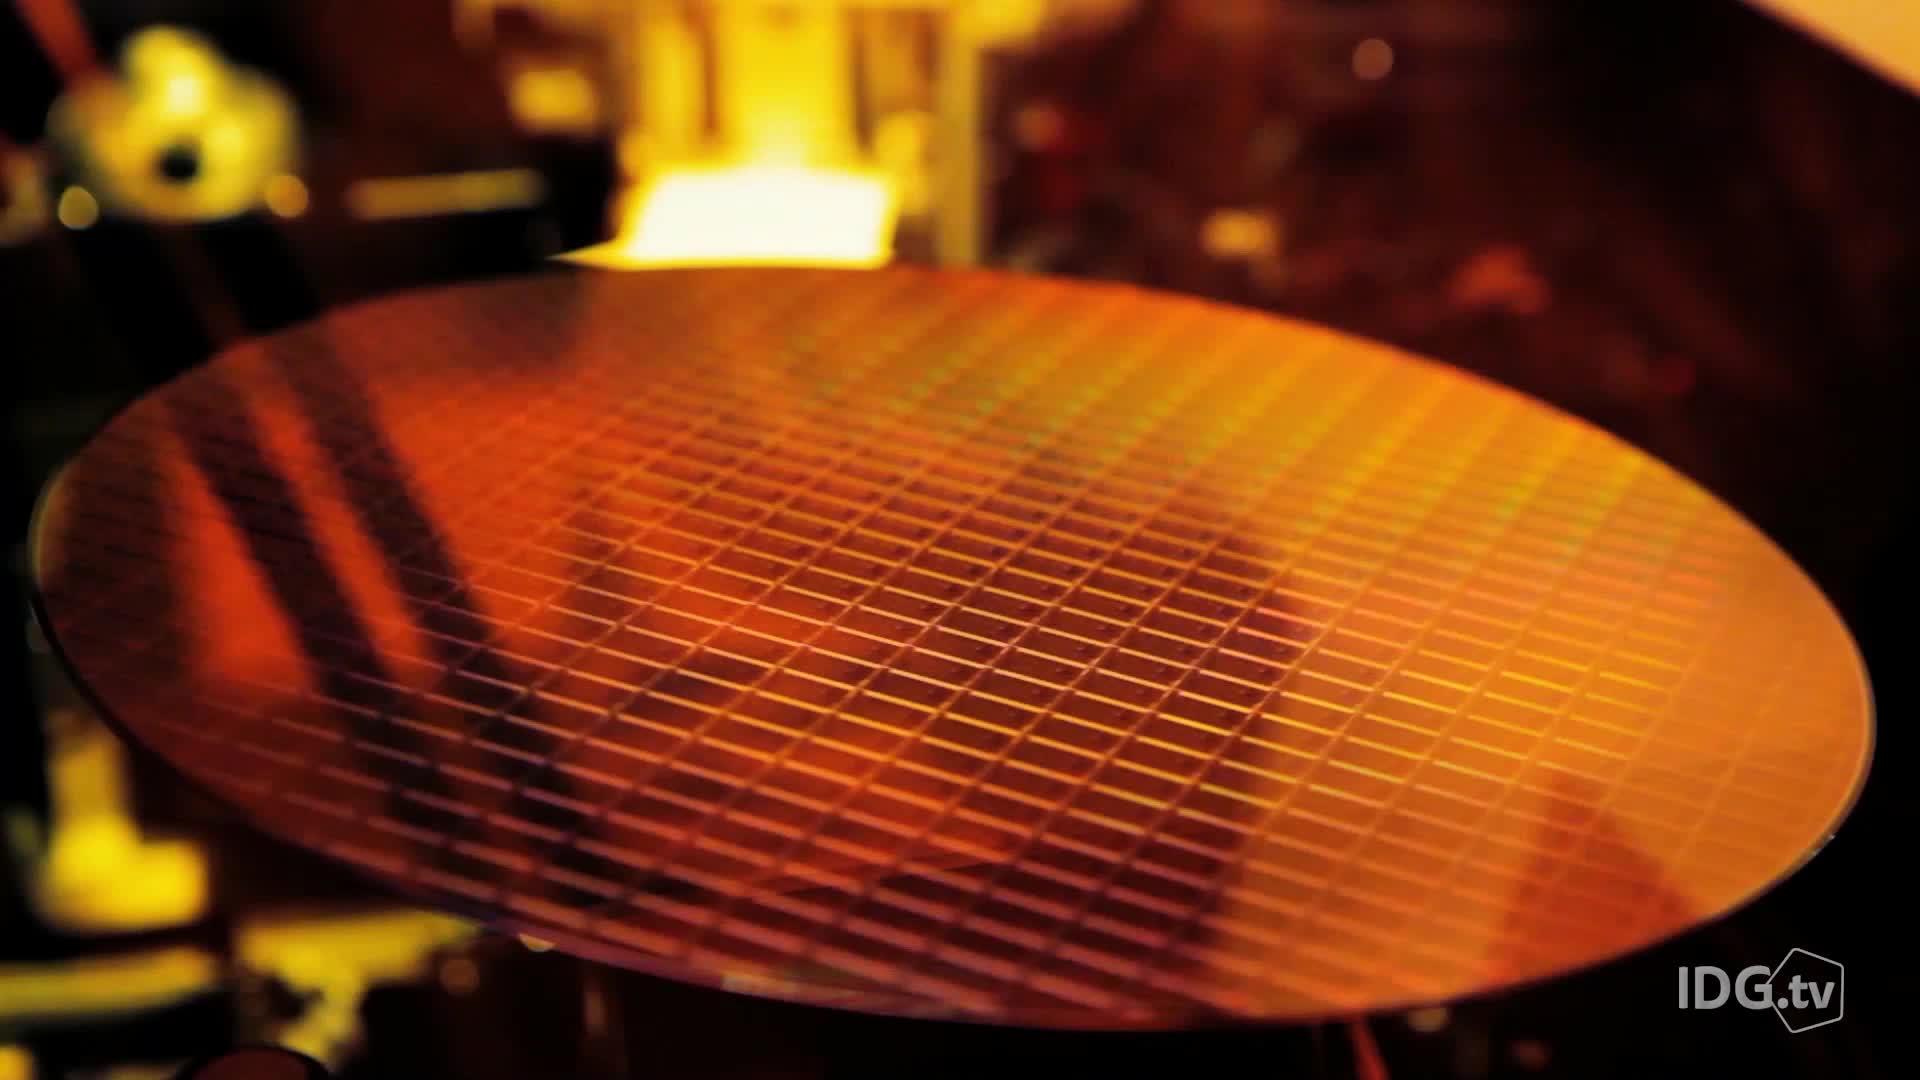 Intel Core i9: 18 núcleos y velocidad de